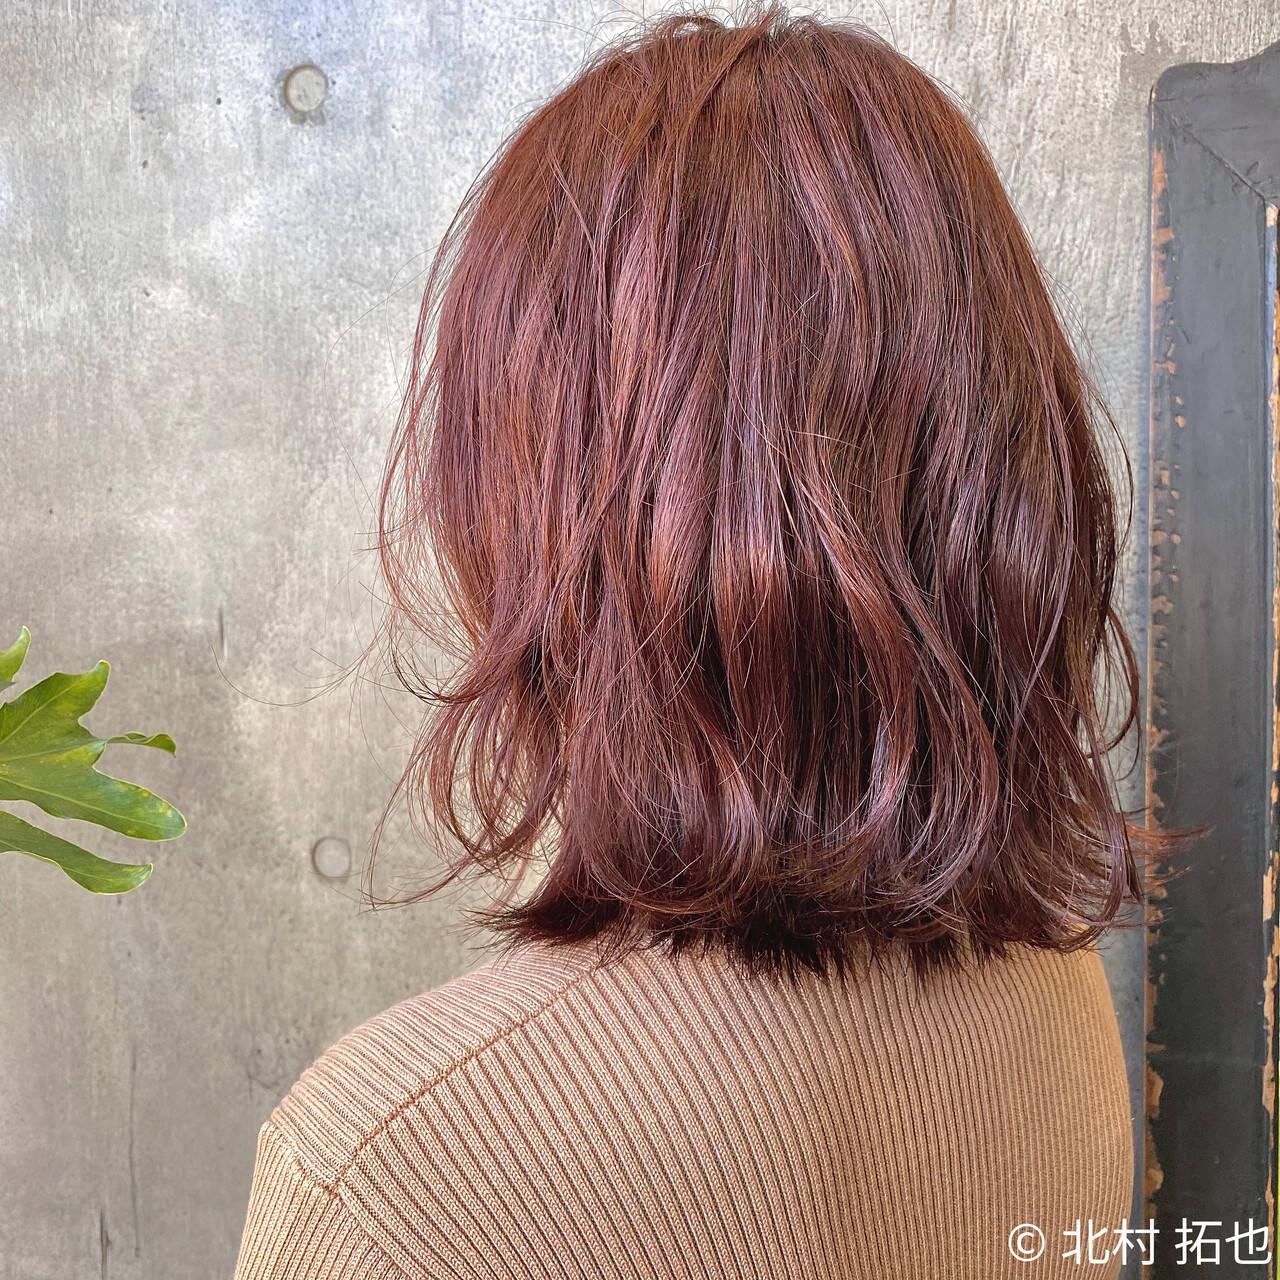 モテボブ ブリーチなし チェリーレッド 外ハネボブヘアスタイルや髪型の写真・画像